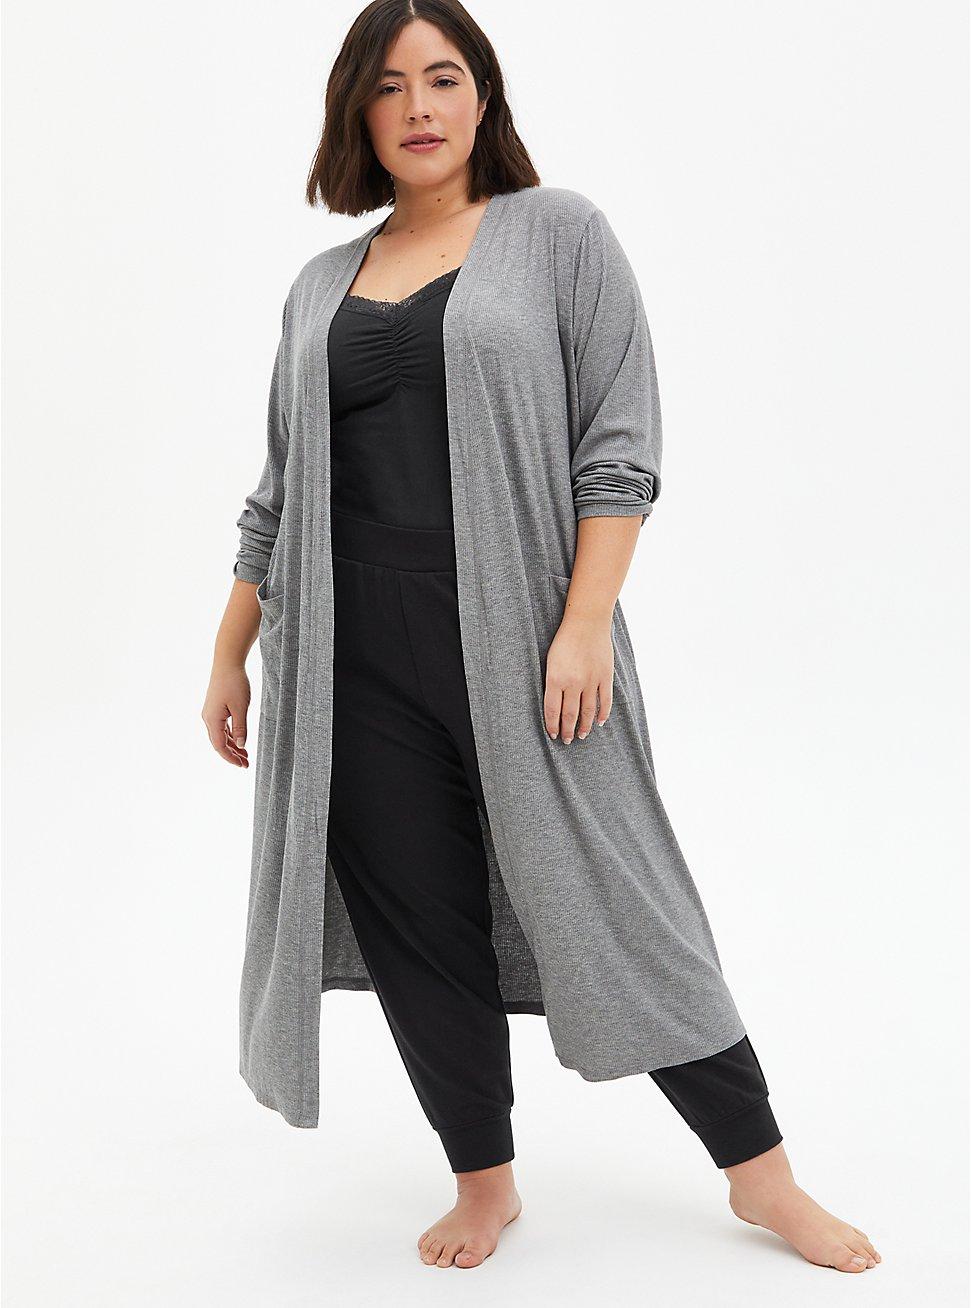 Grey Super Soft Ribbed Sleep Duster Robe, GREY, hi-res